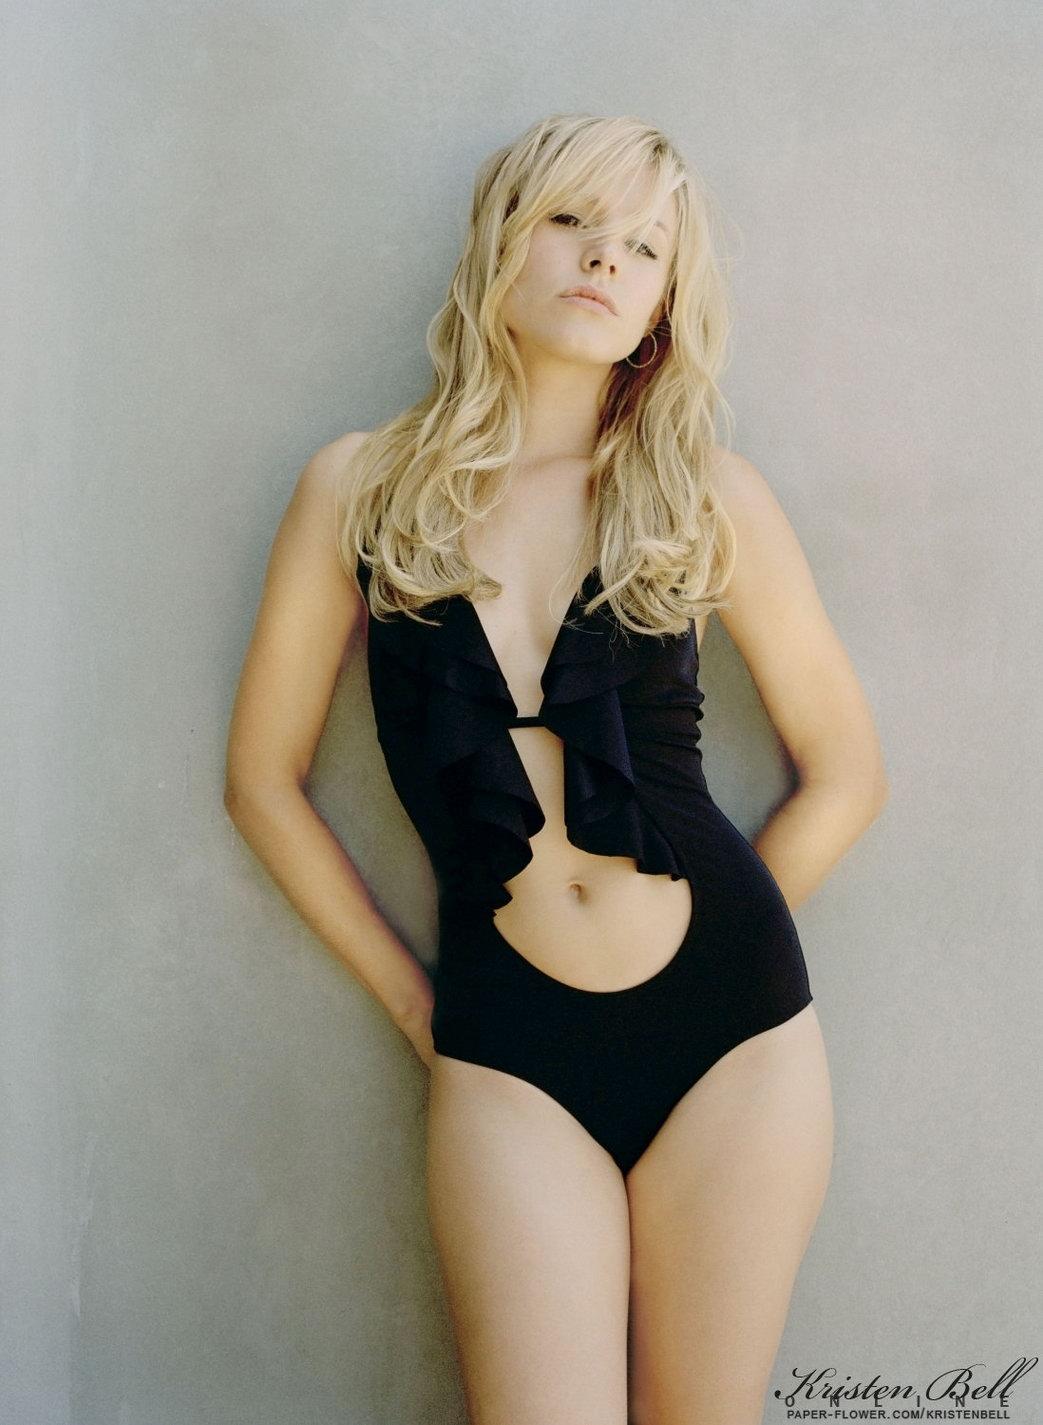 http://1.bp.blogspot.com/_JFX5_9i0Xng/TVTpqyFXZuI/AAAAAAAAFVc/AGneTj7KGVc/s1600/Kristen-Bell-Lingerie-Fashion-Pics%2B1.jpg